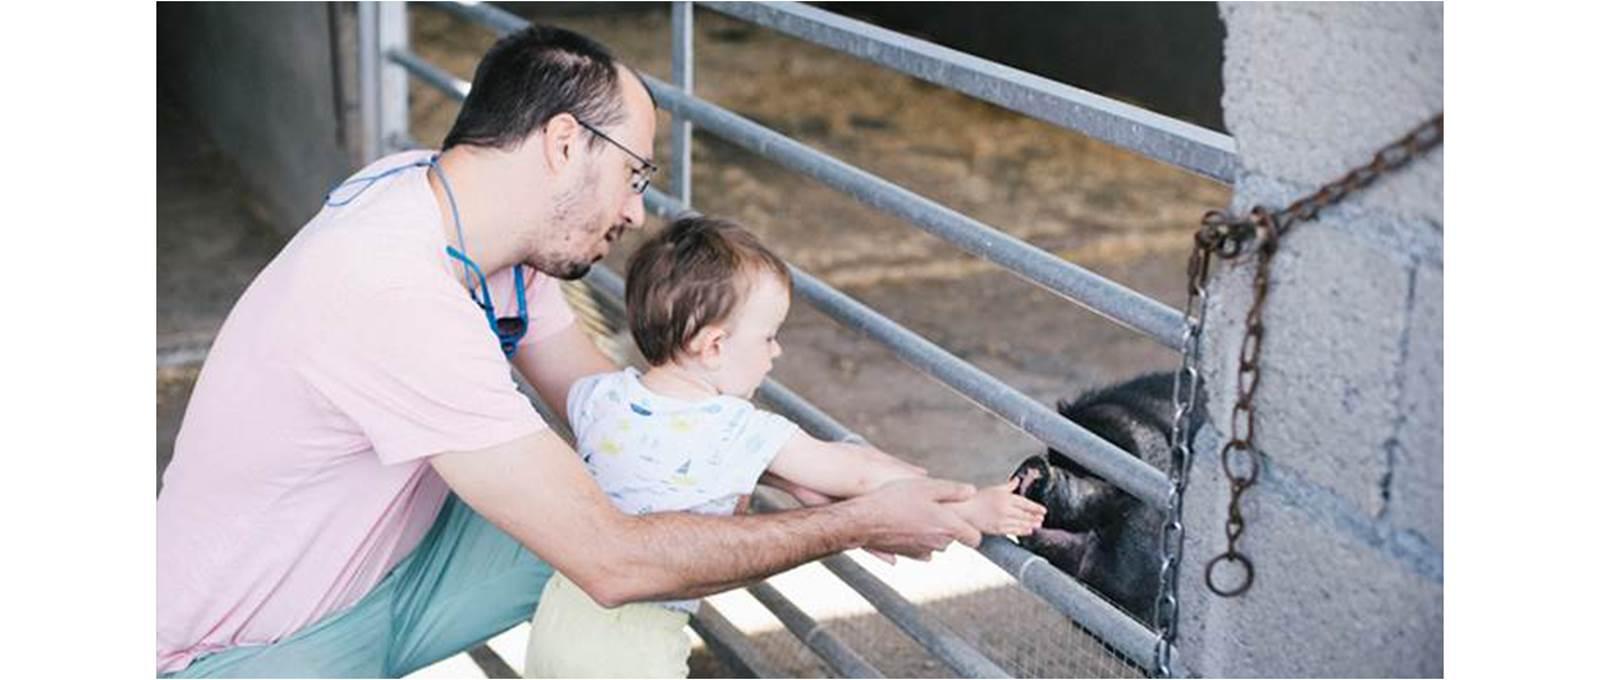 Partagez un moment en famille auprès des animaux